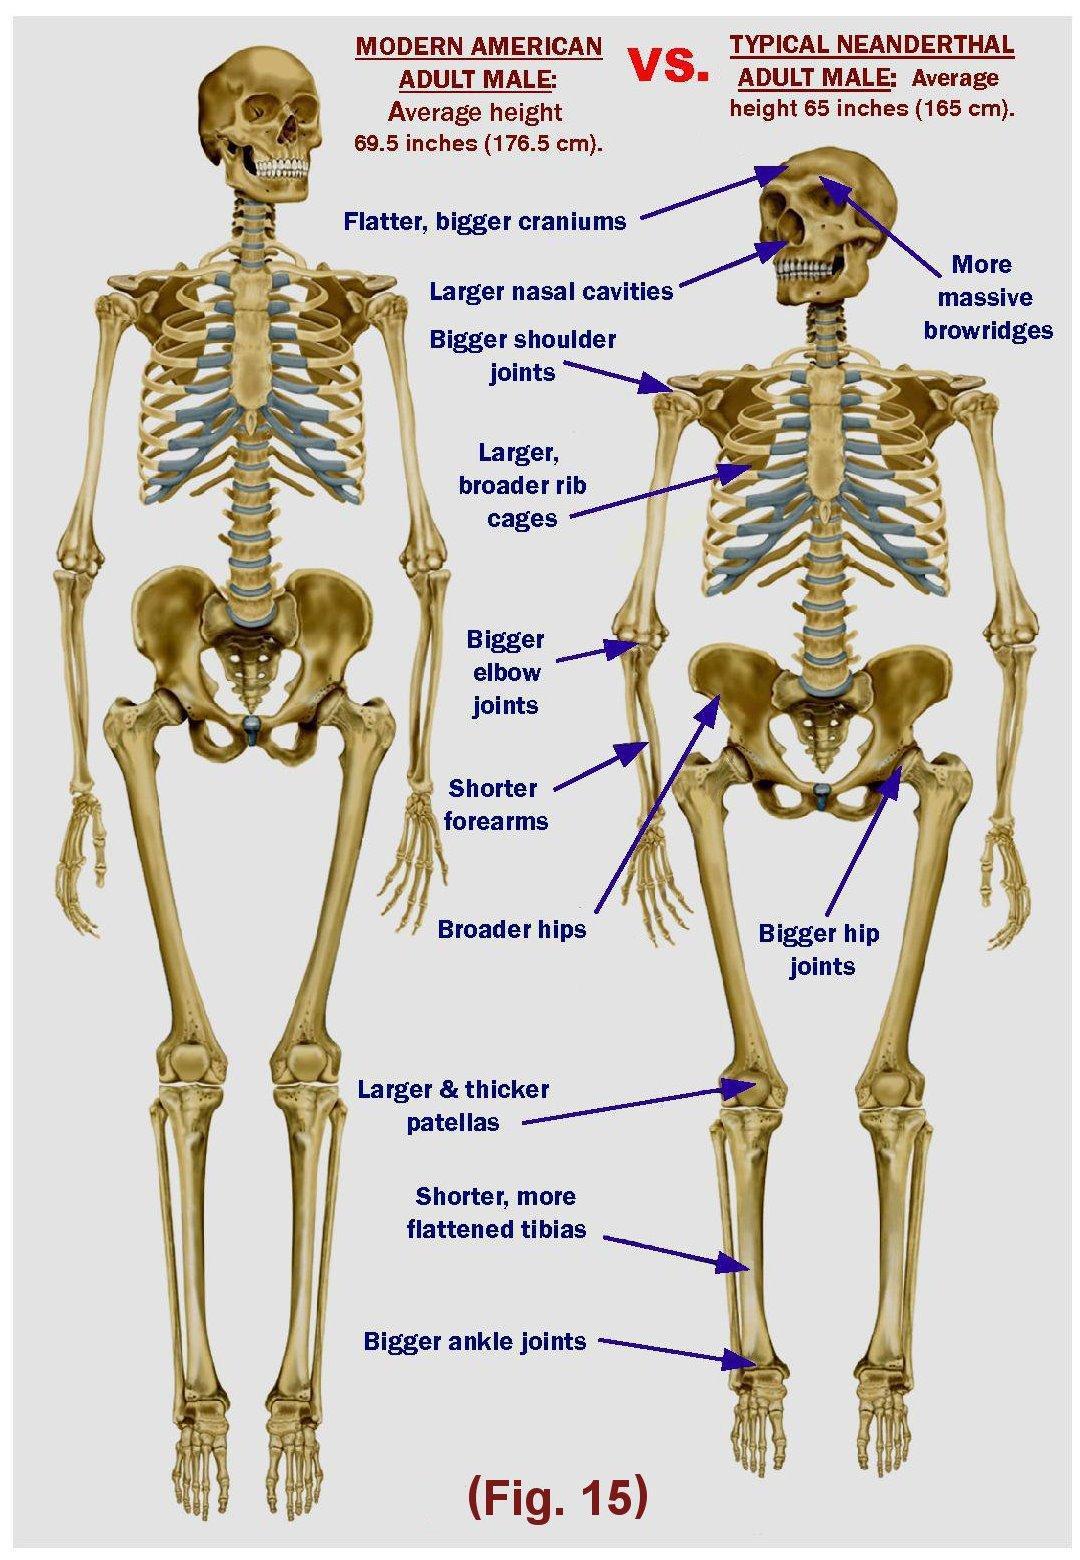 Neandertalinihminen ja nykyihminen